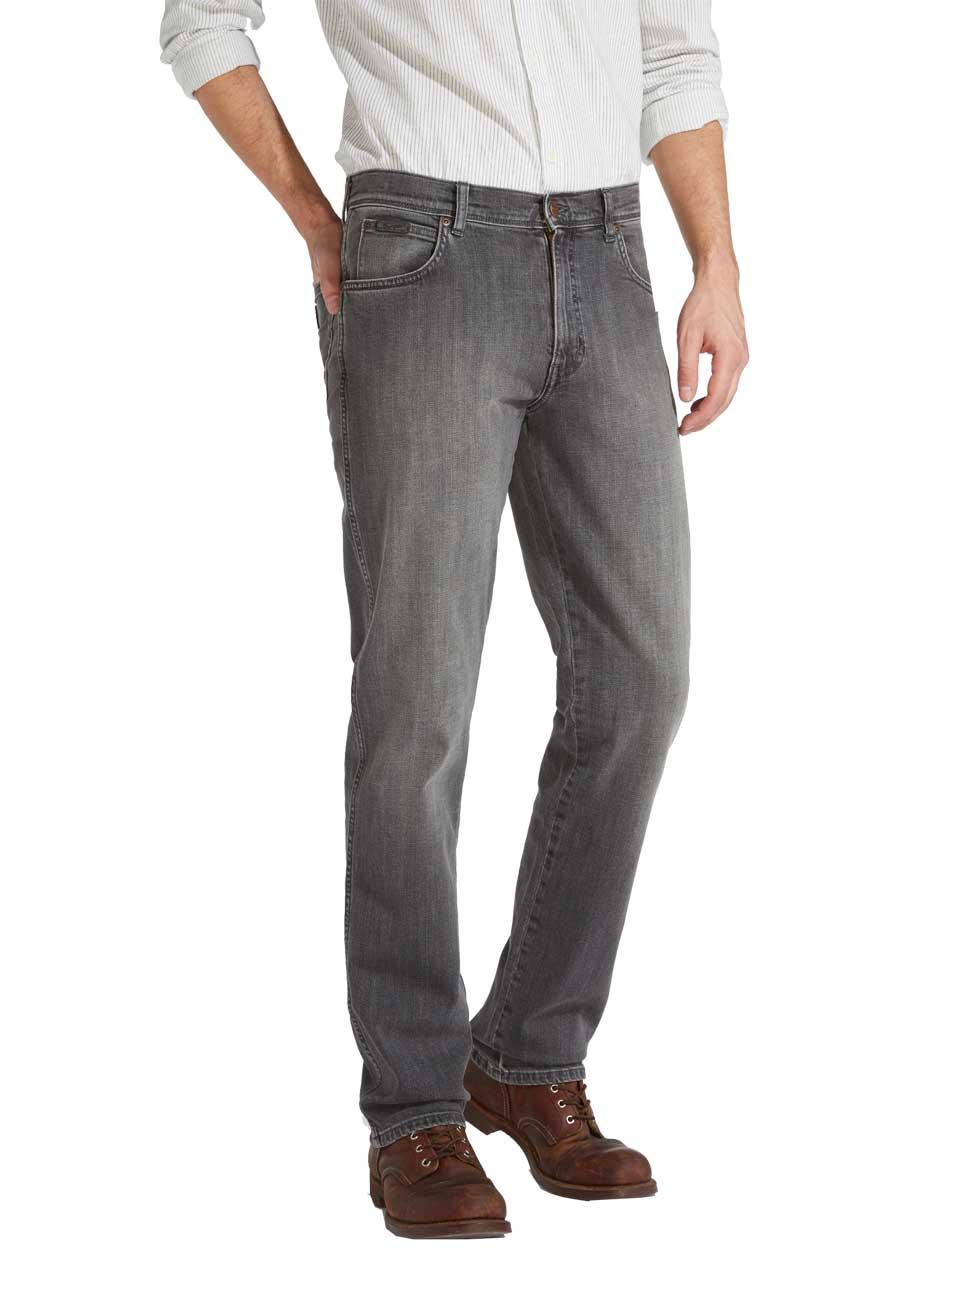 sehr schön 4539d a93b9 Wrangler Herren Jeans Texas Stretch - Regular Fit - Grau - Graze